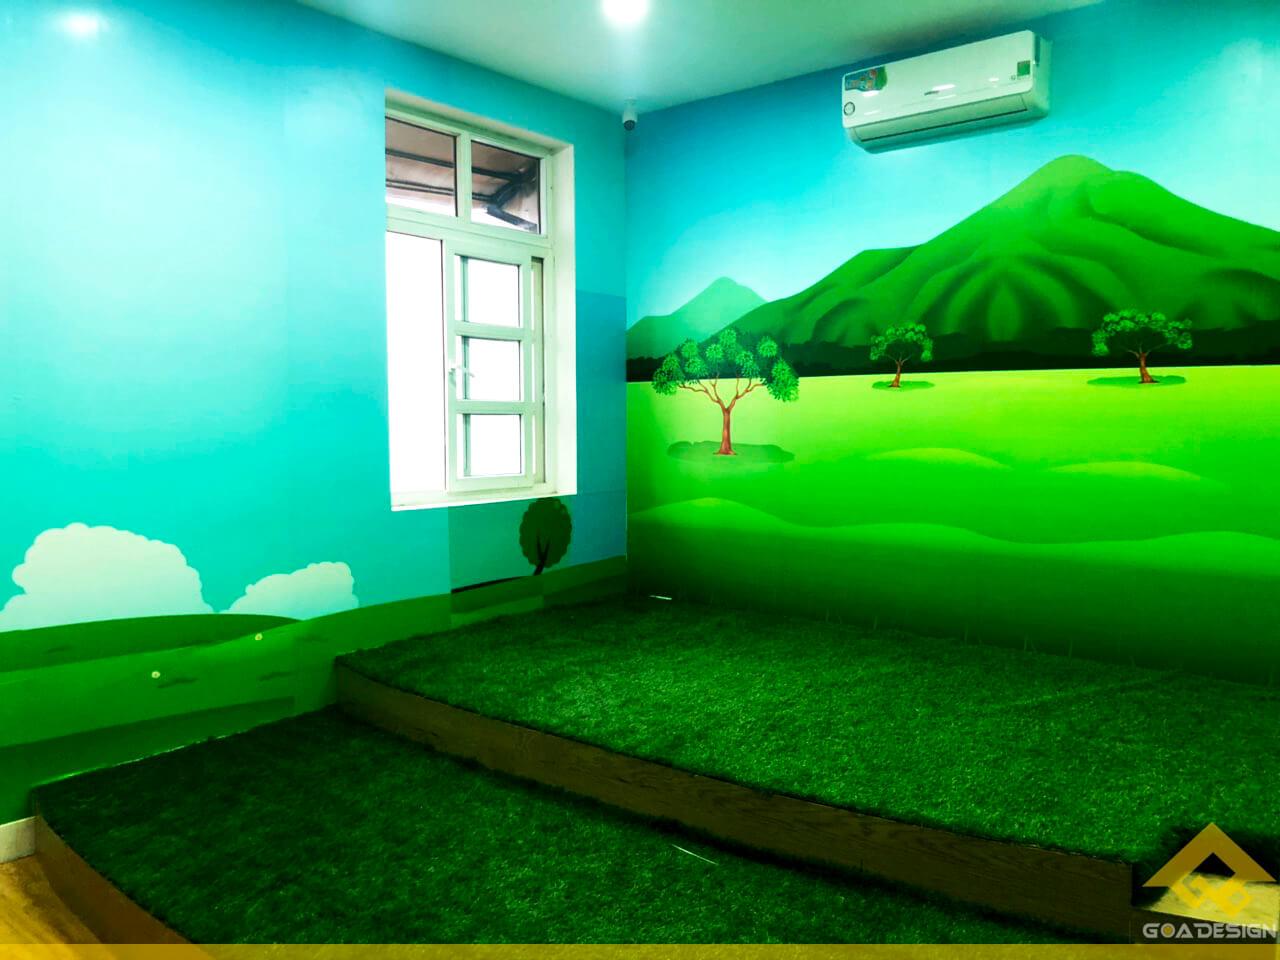 GOADESIGN Thiết kế khu vui chơi Phú Nhuận (26)